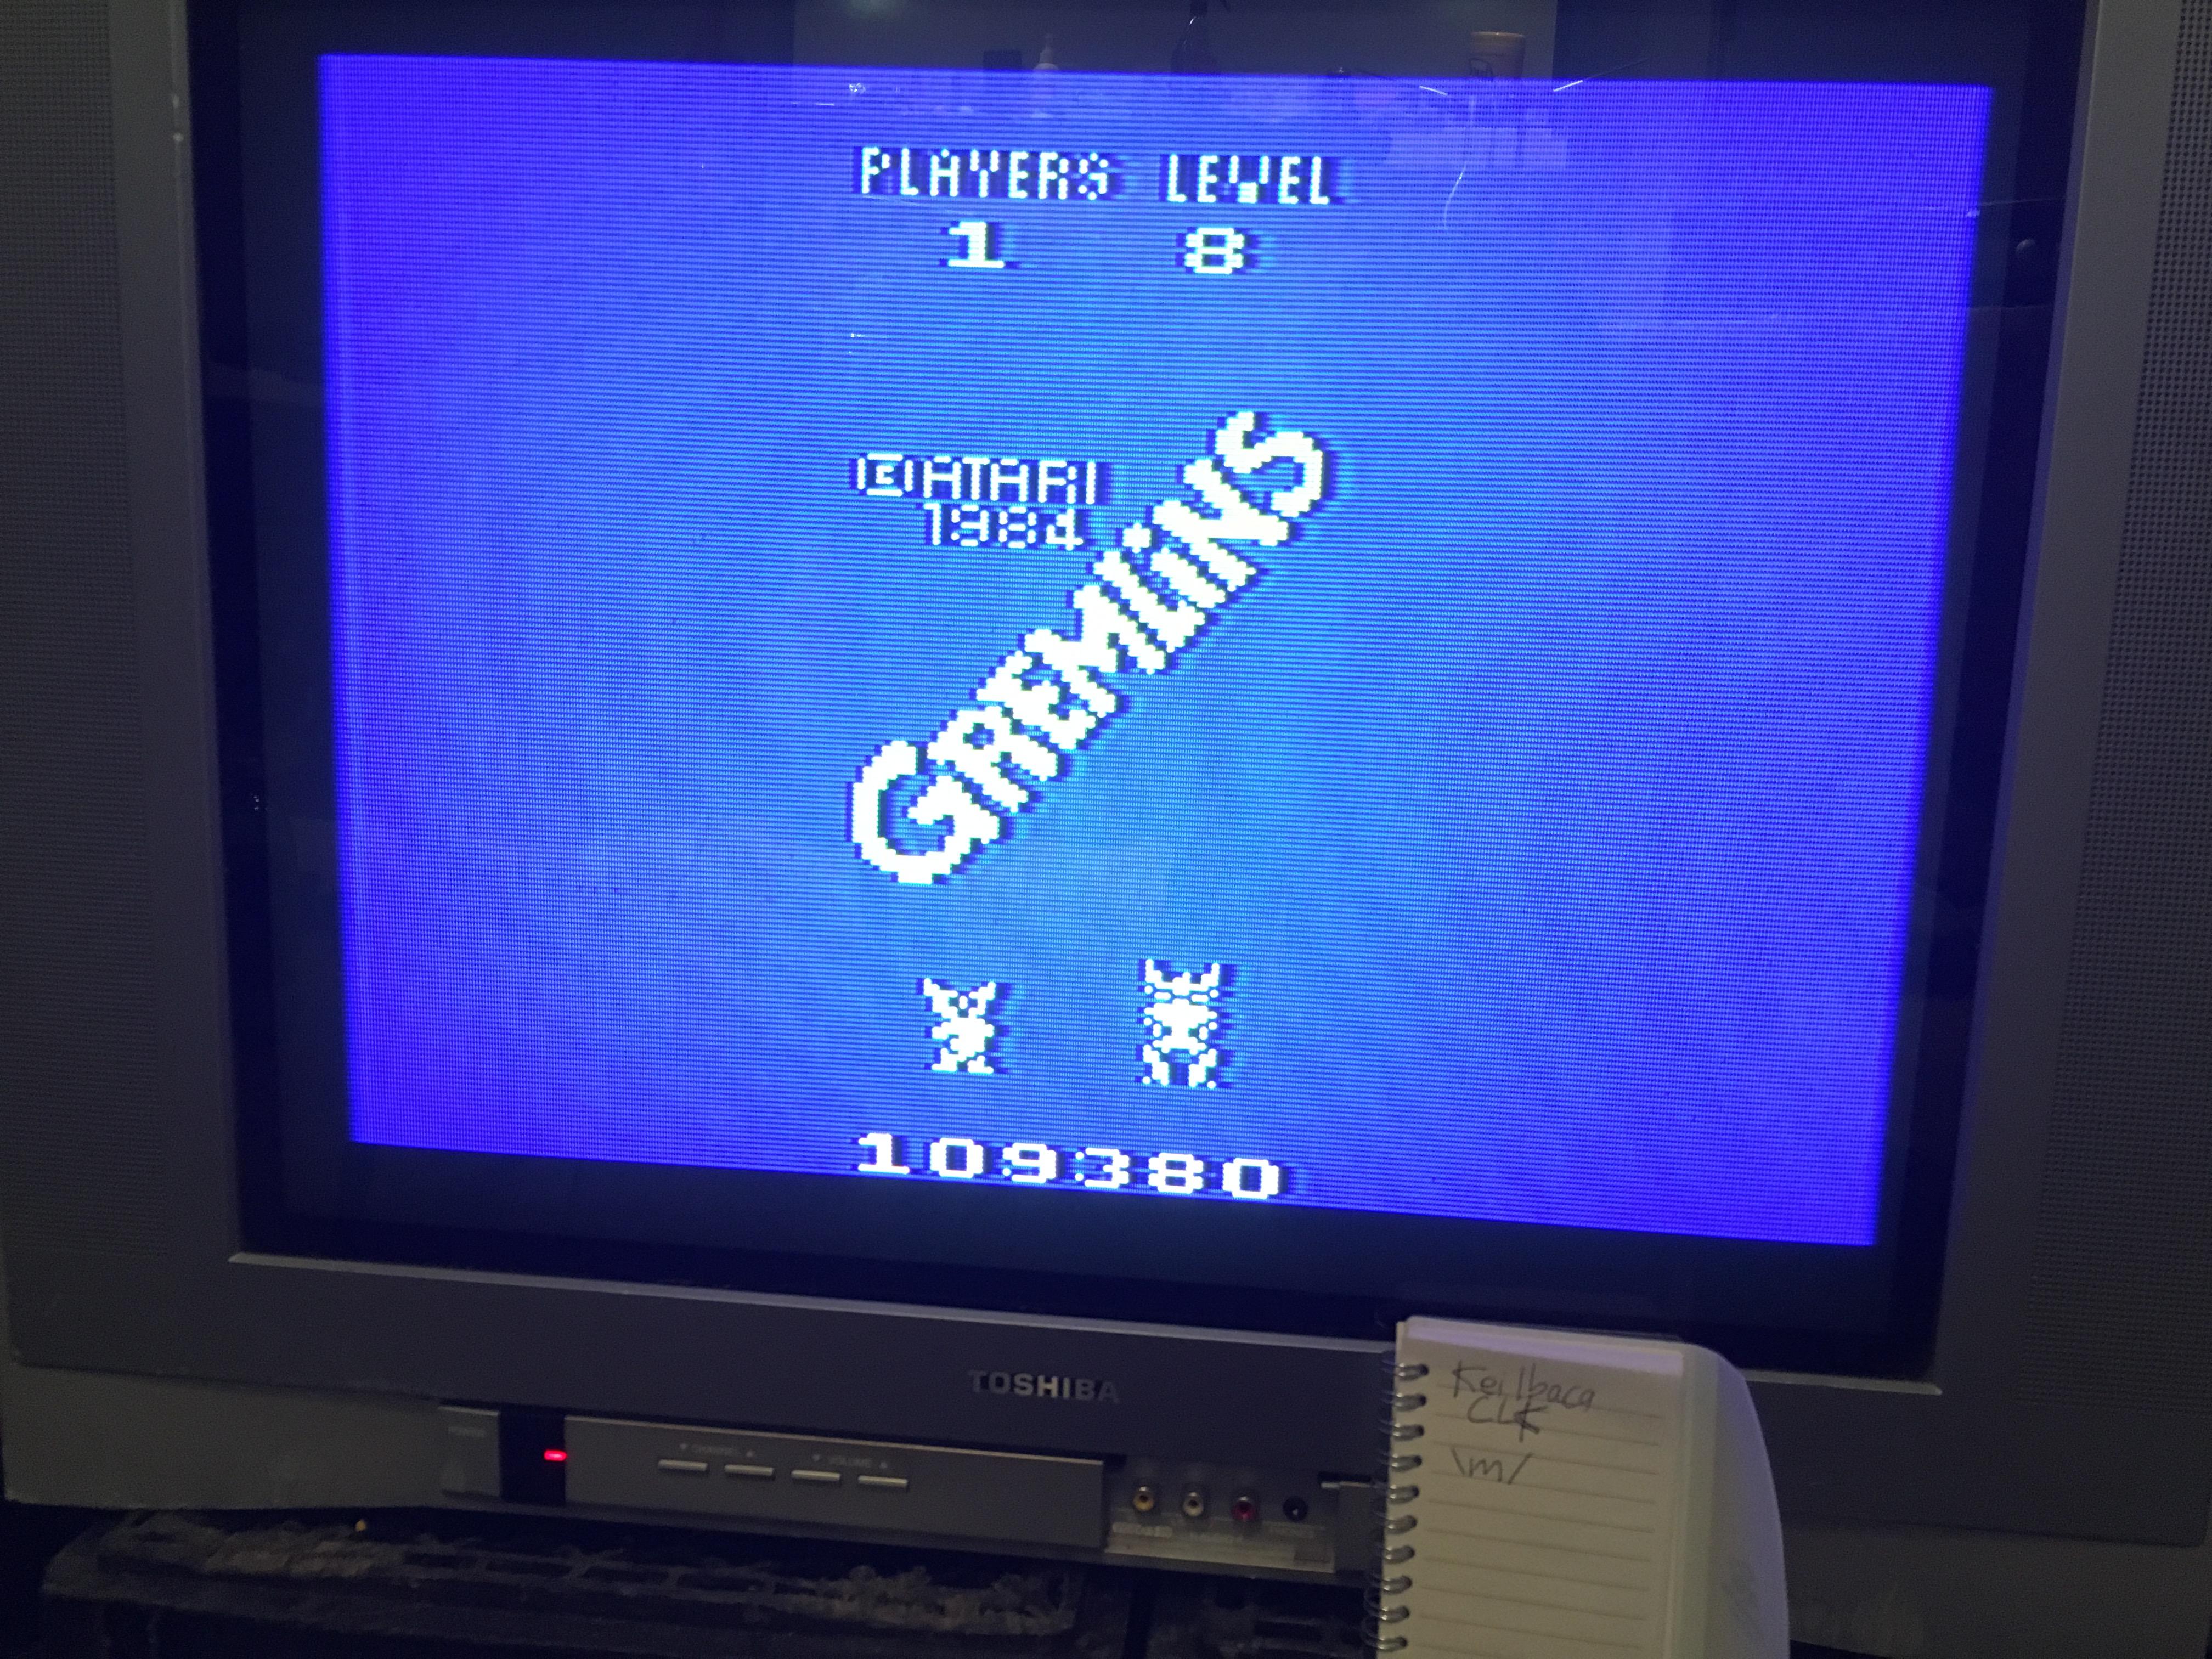 Gremlins 109,380 points